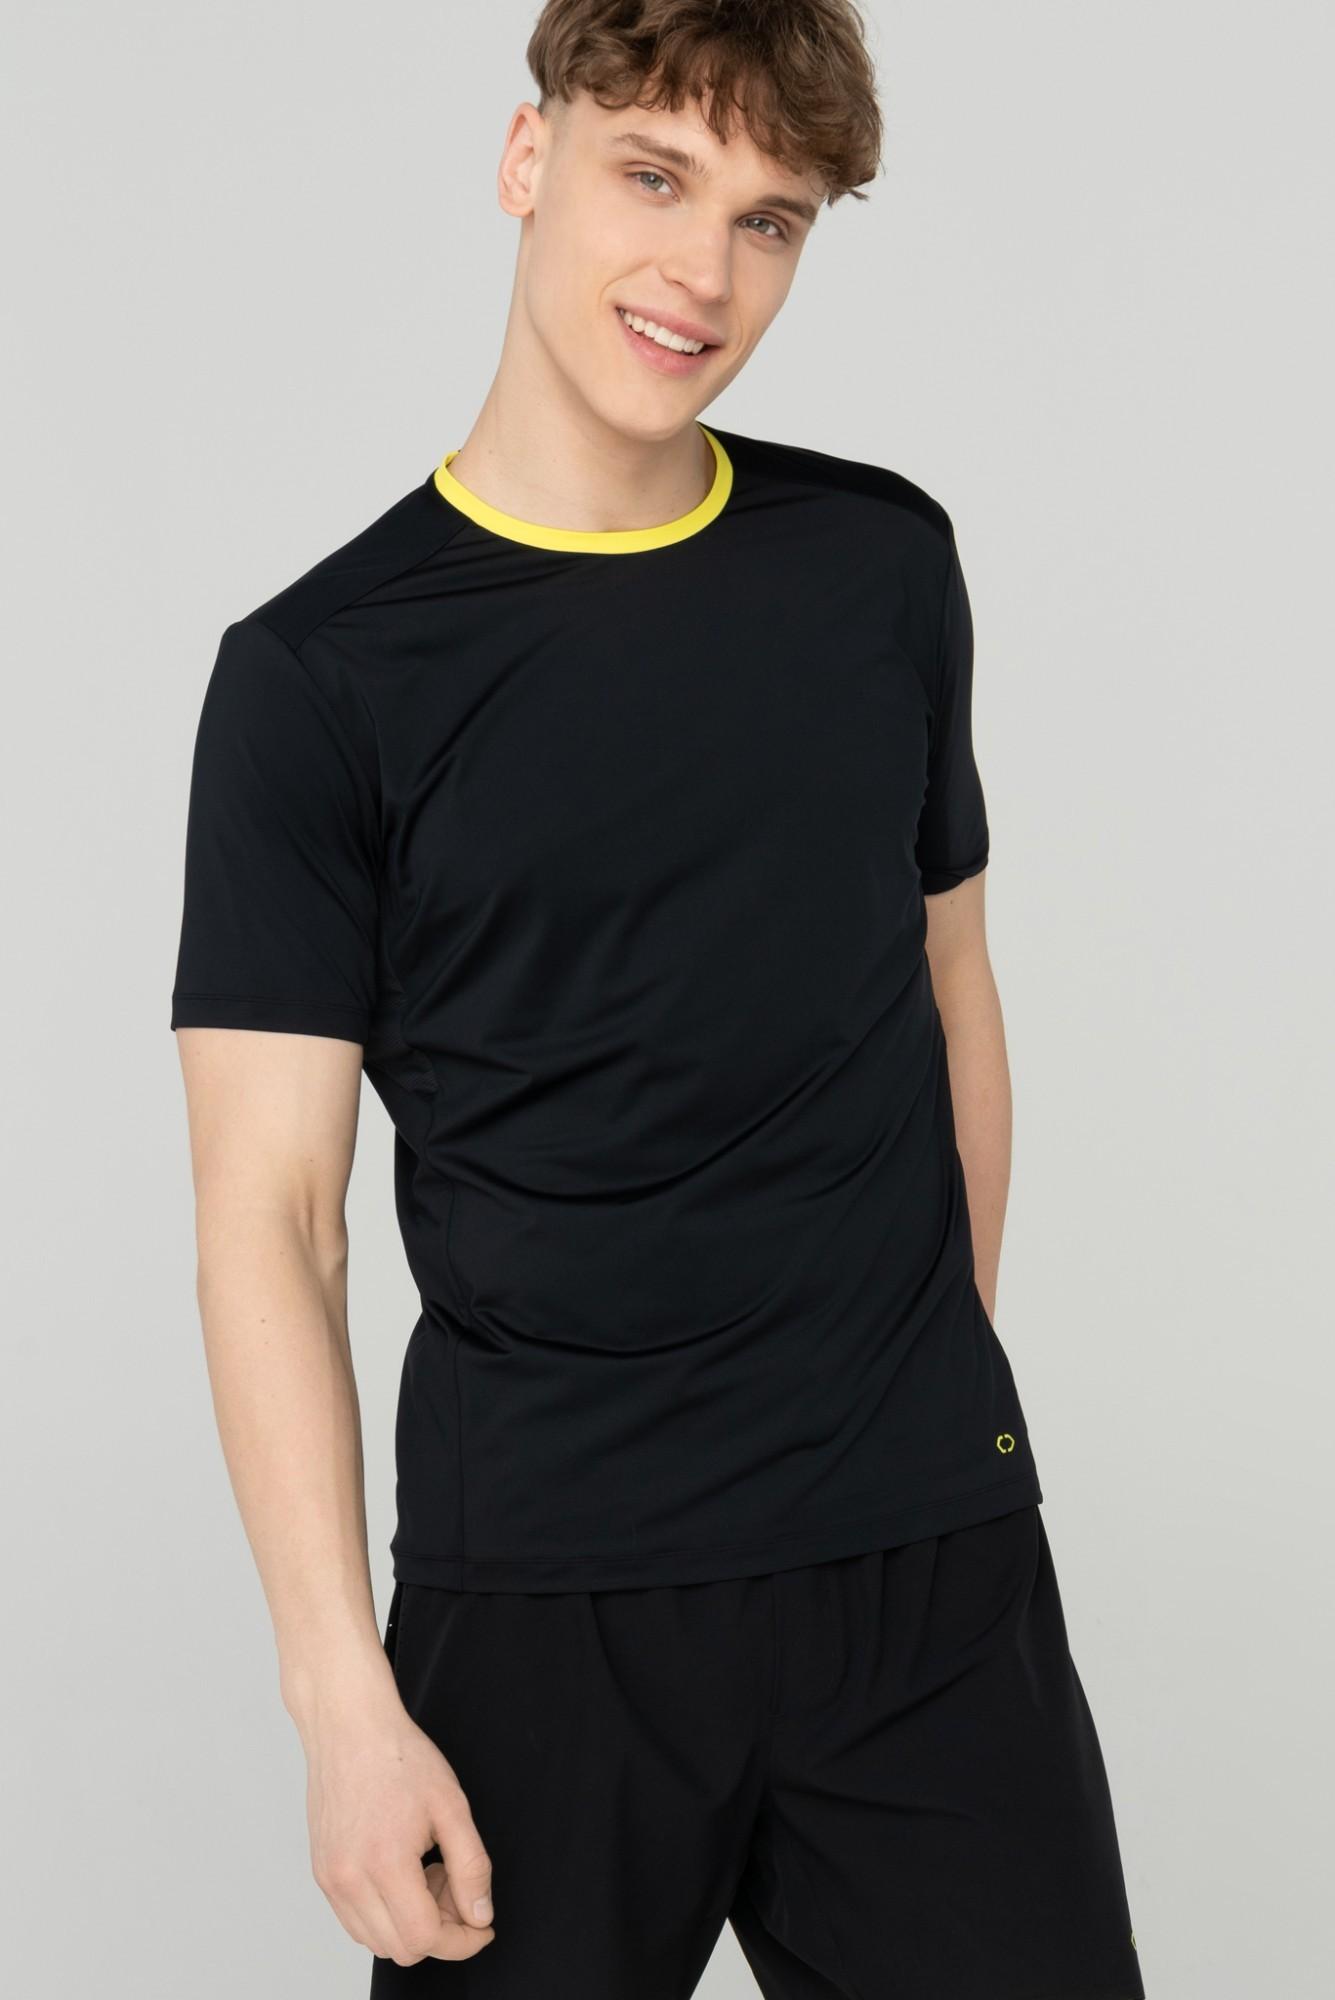 AUDIMAS Funkcionalūs marškinėliai 2111-678 Black L